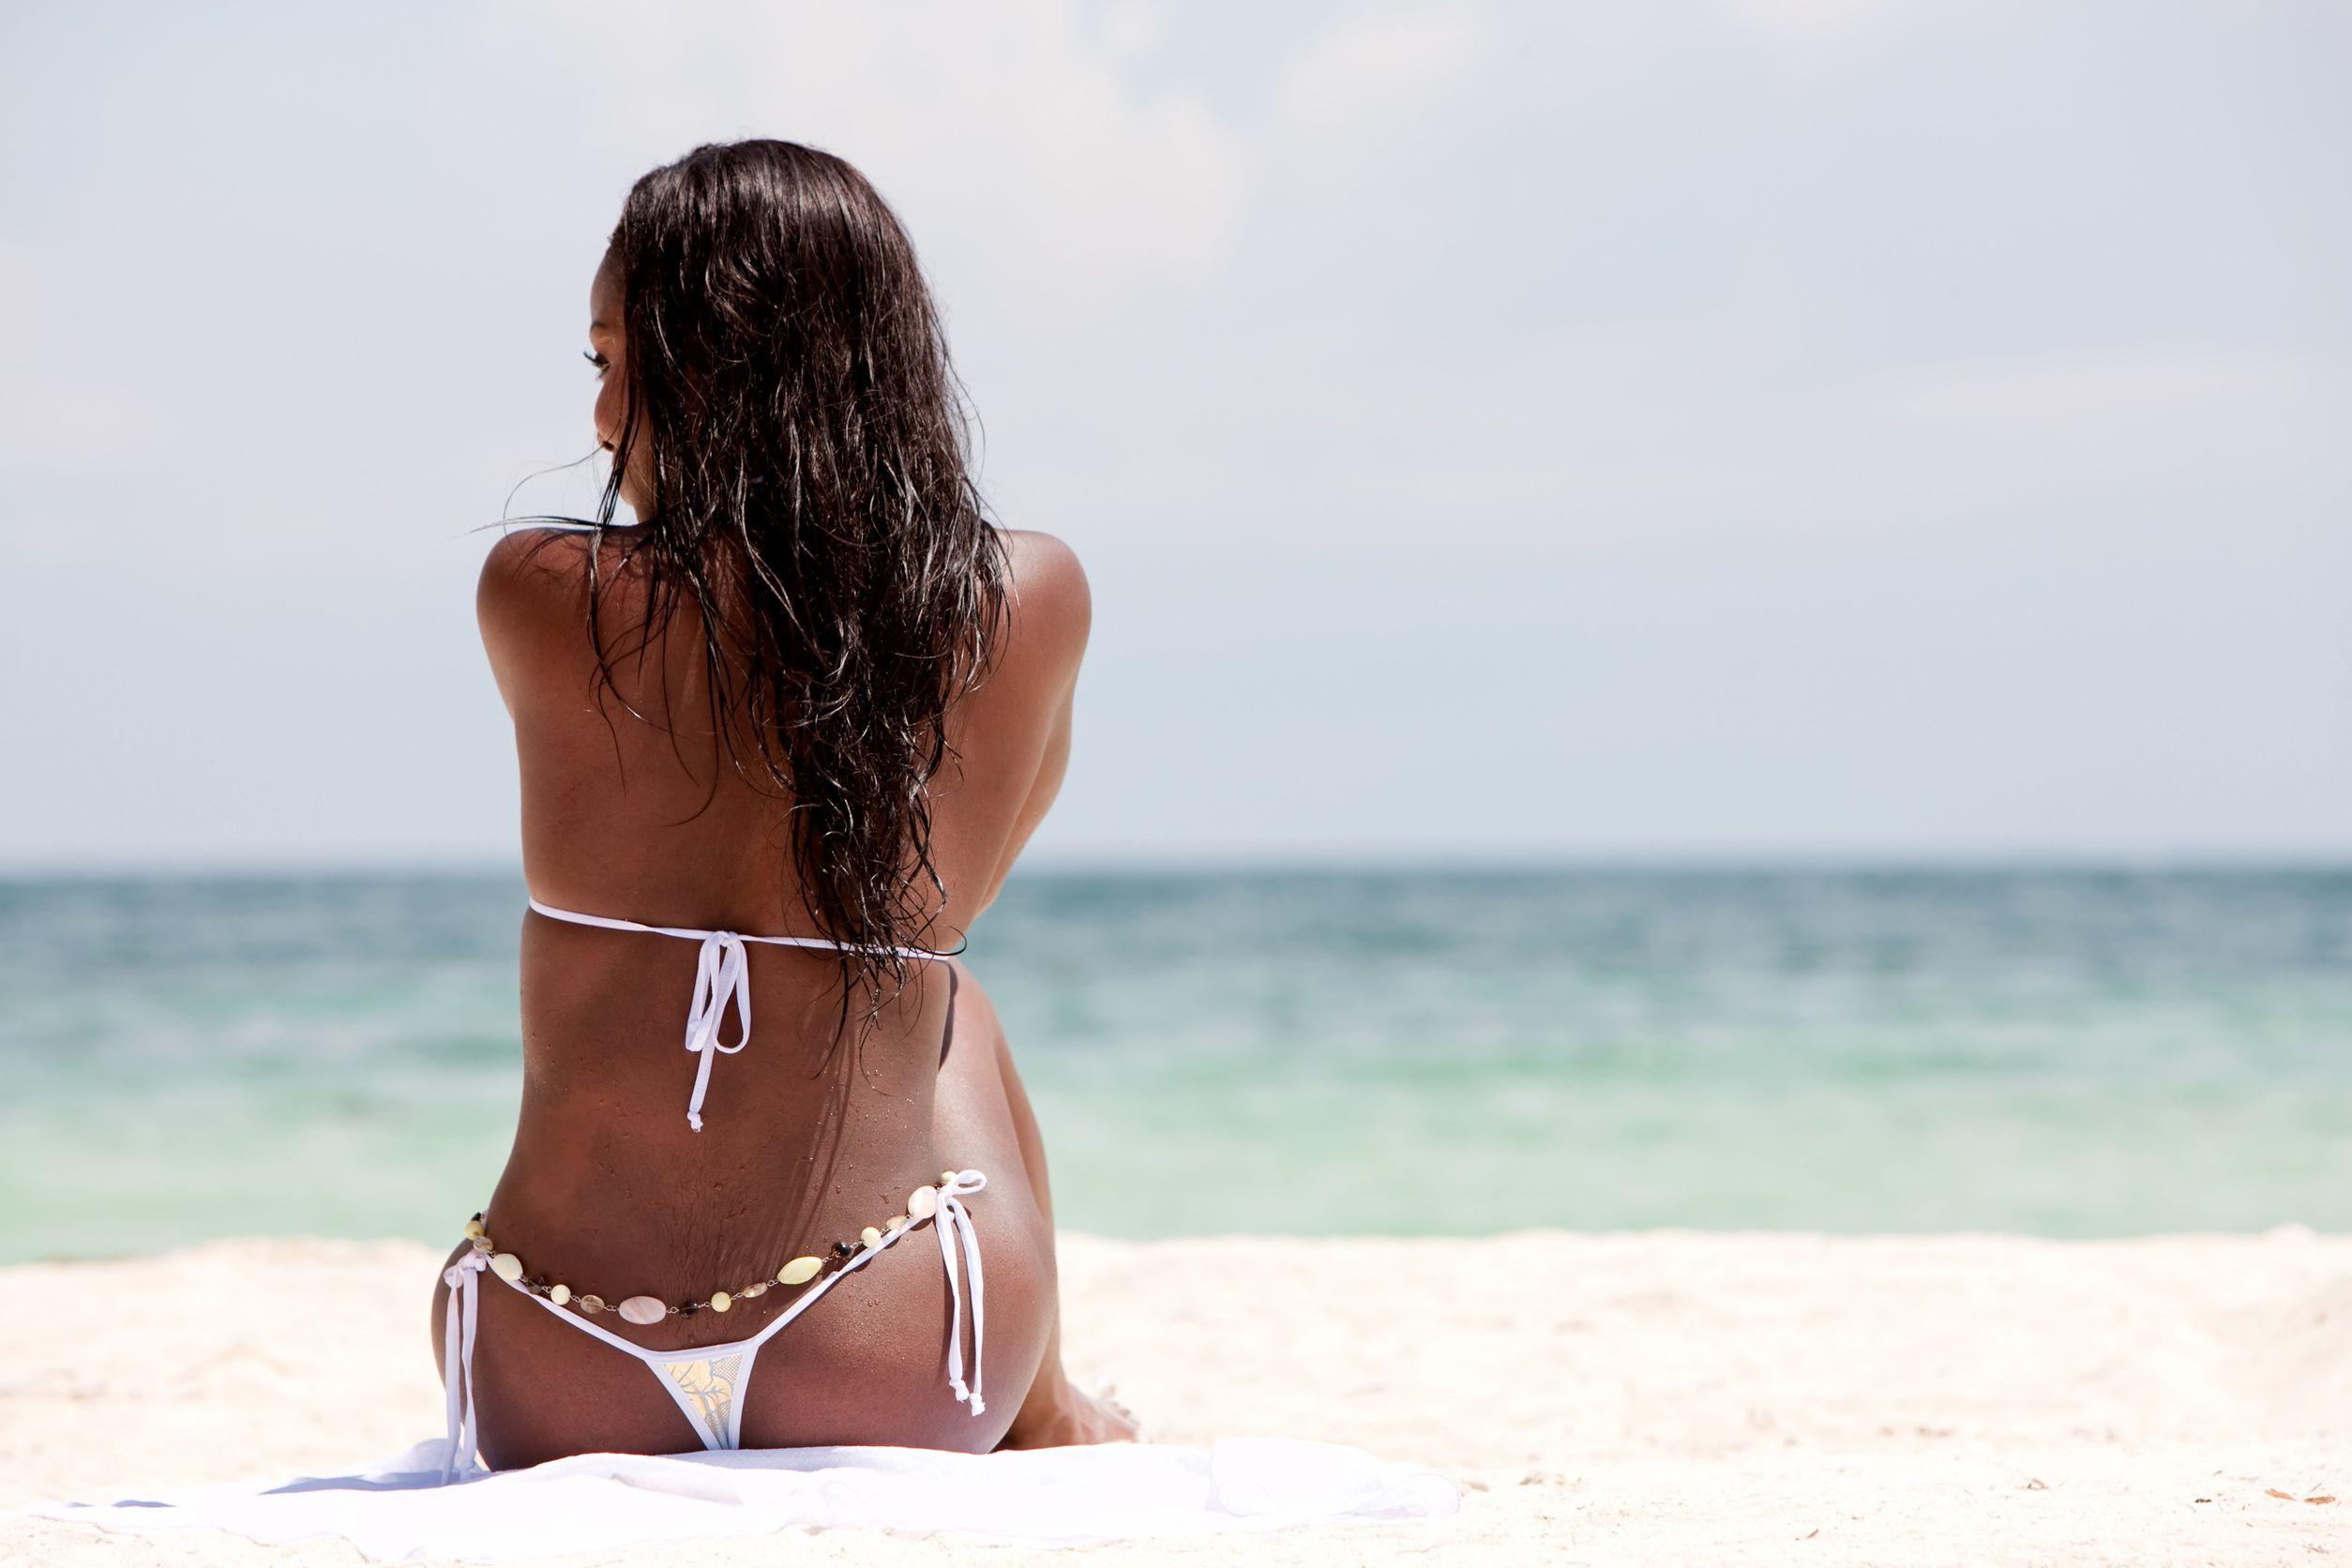 Фото на пляже брюнетки без лица на аву